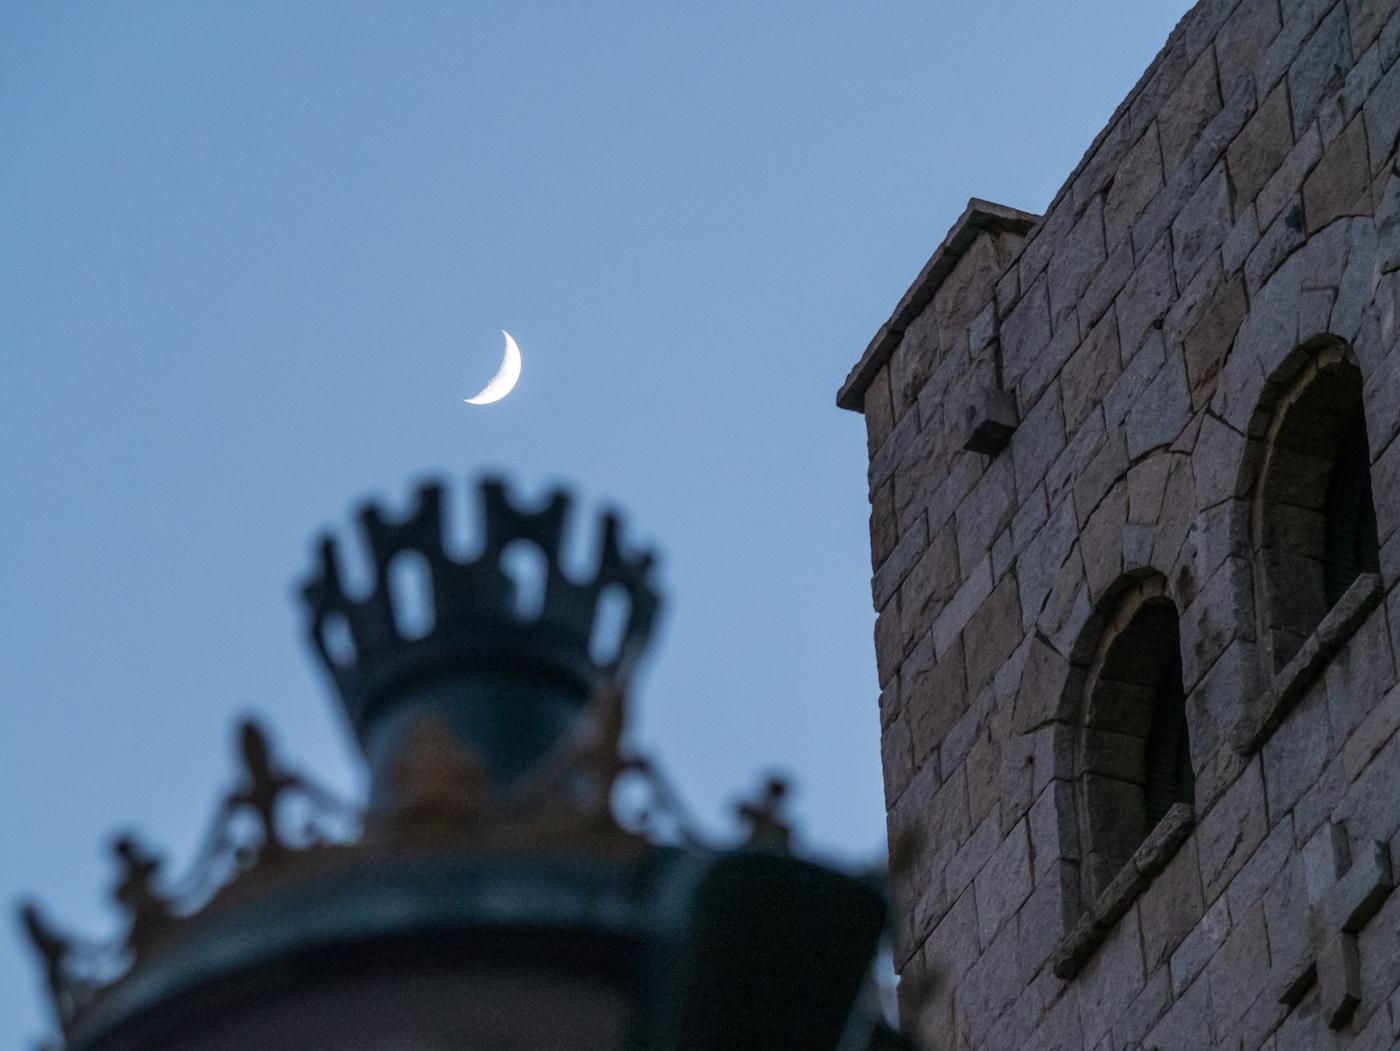 La Luna fotografiada desde Zaragoza, España – El Universo Hoy